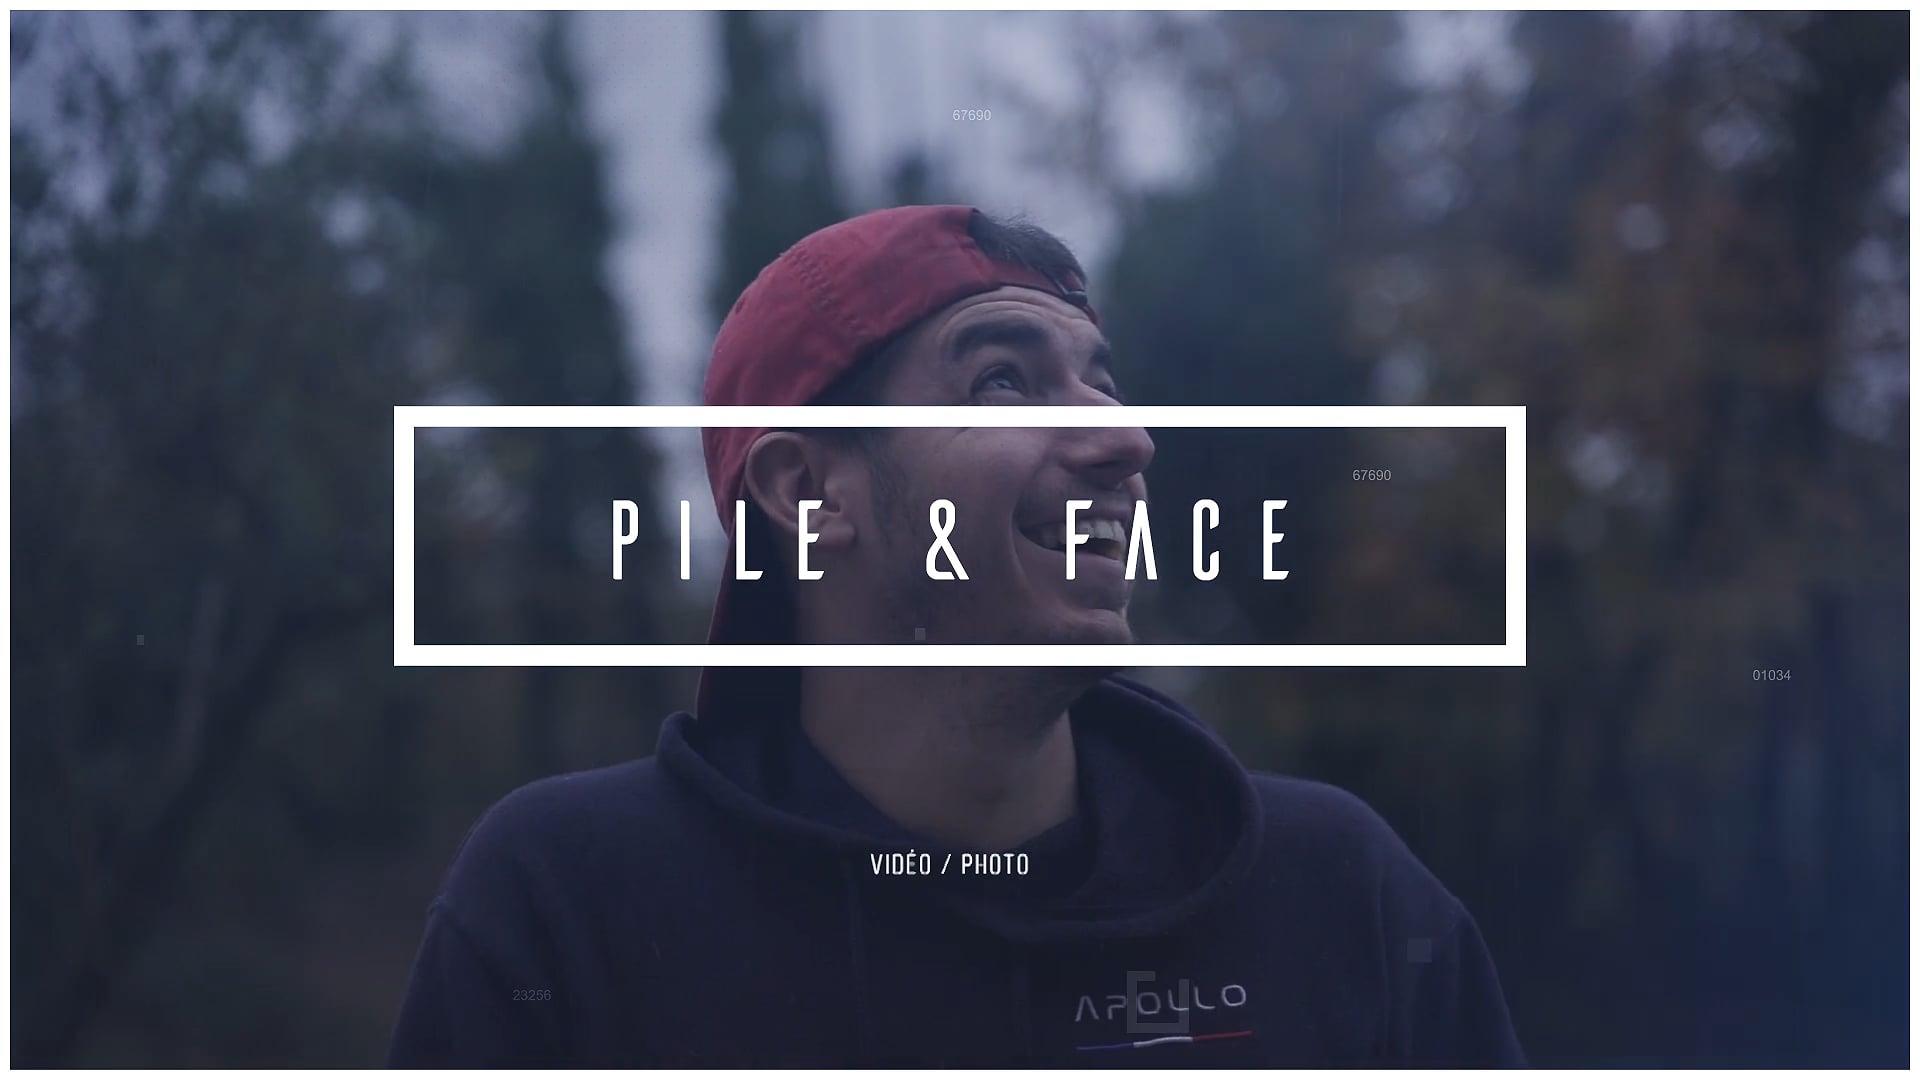 Découvrez Pile & Face